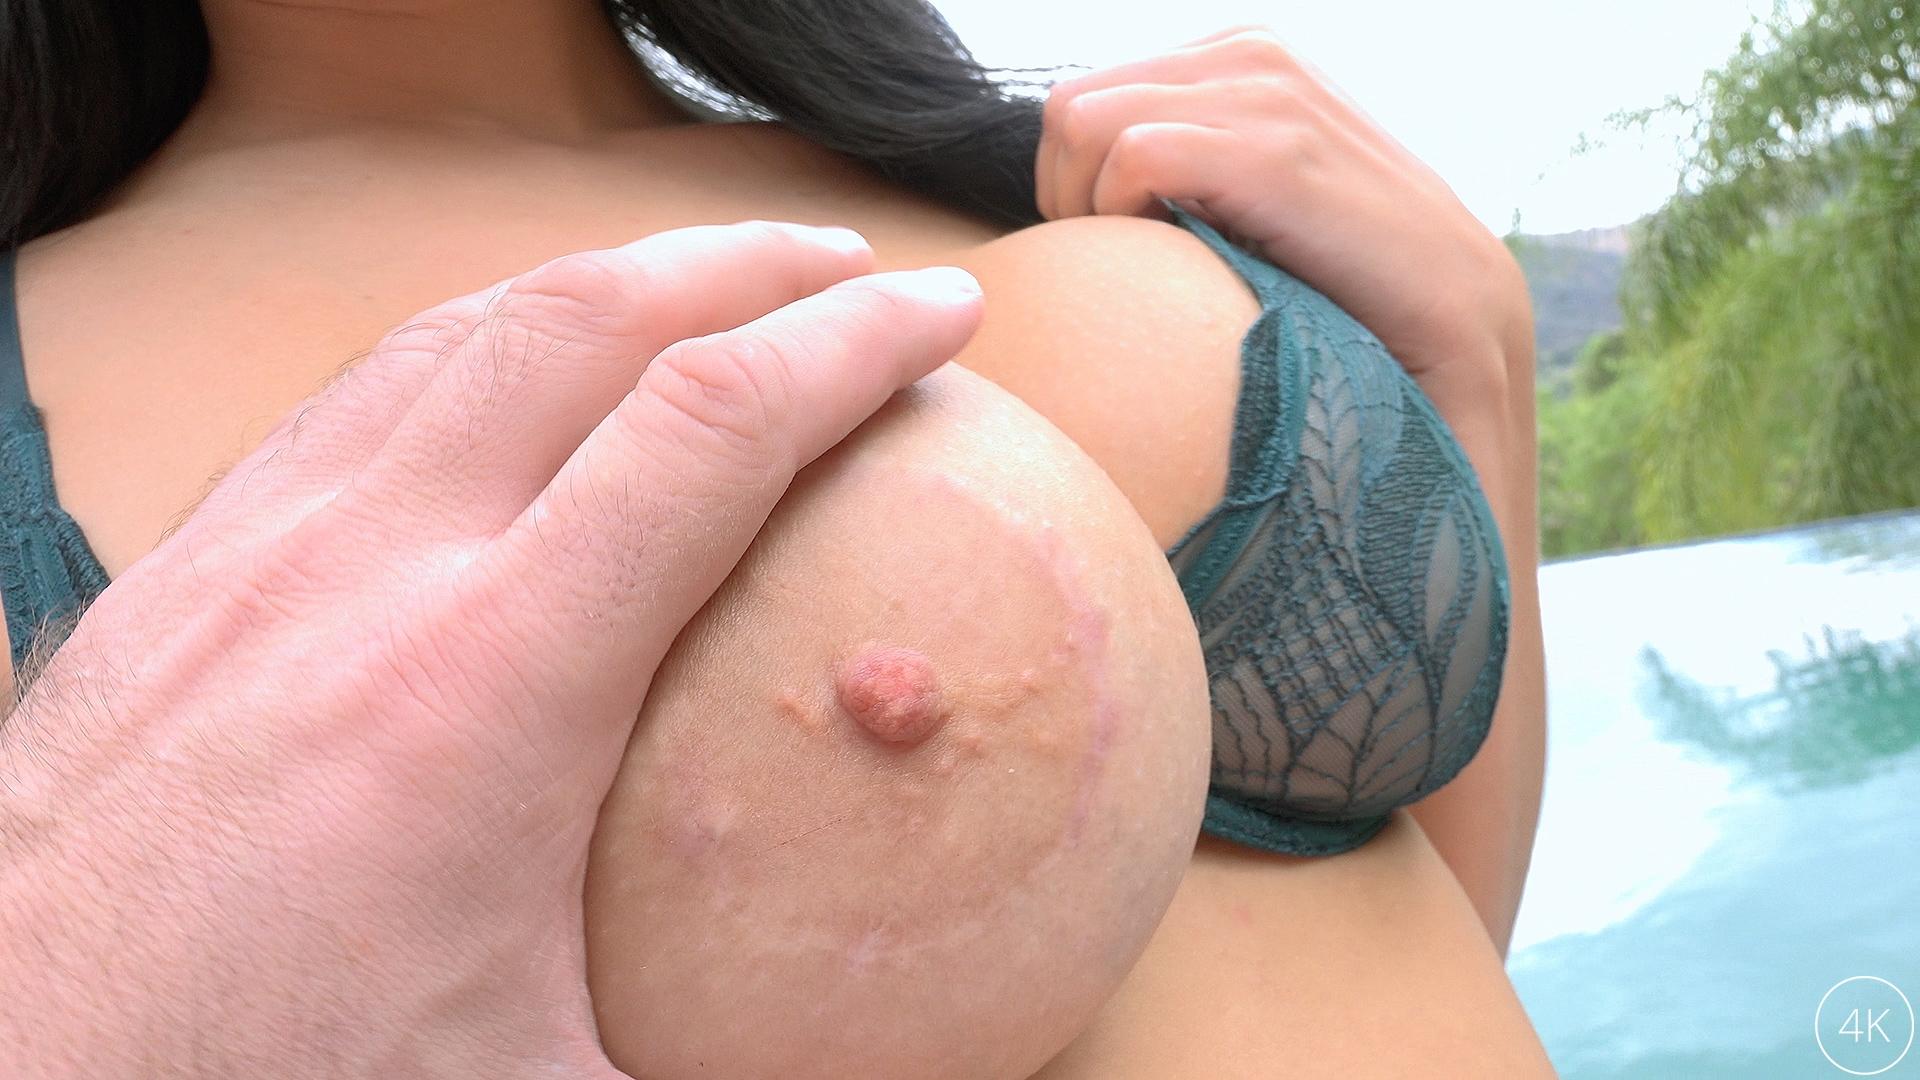 Download JulesJordan.com - Victoria June Voluptuous Big Tit Slut Begs For Manuel's Cock